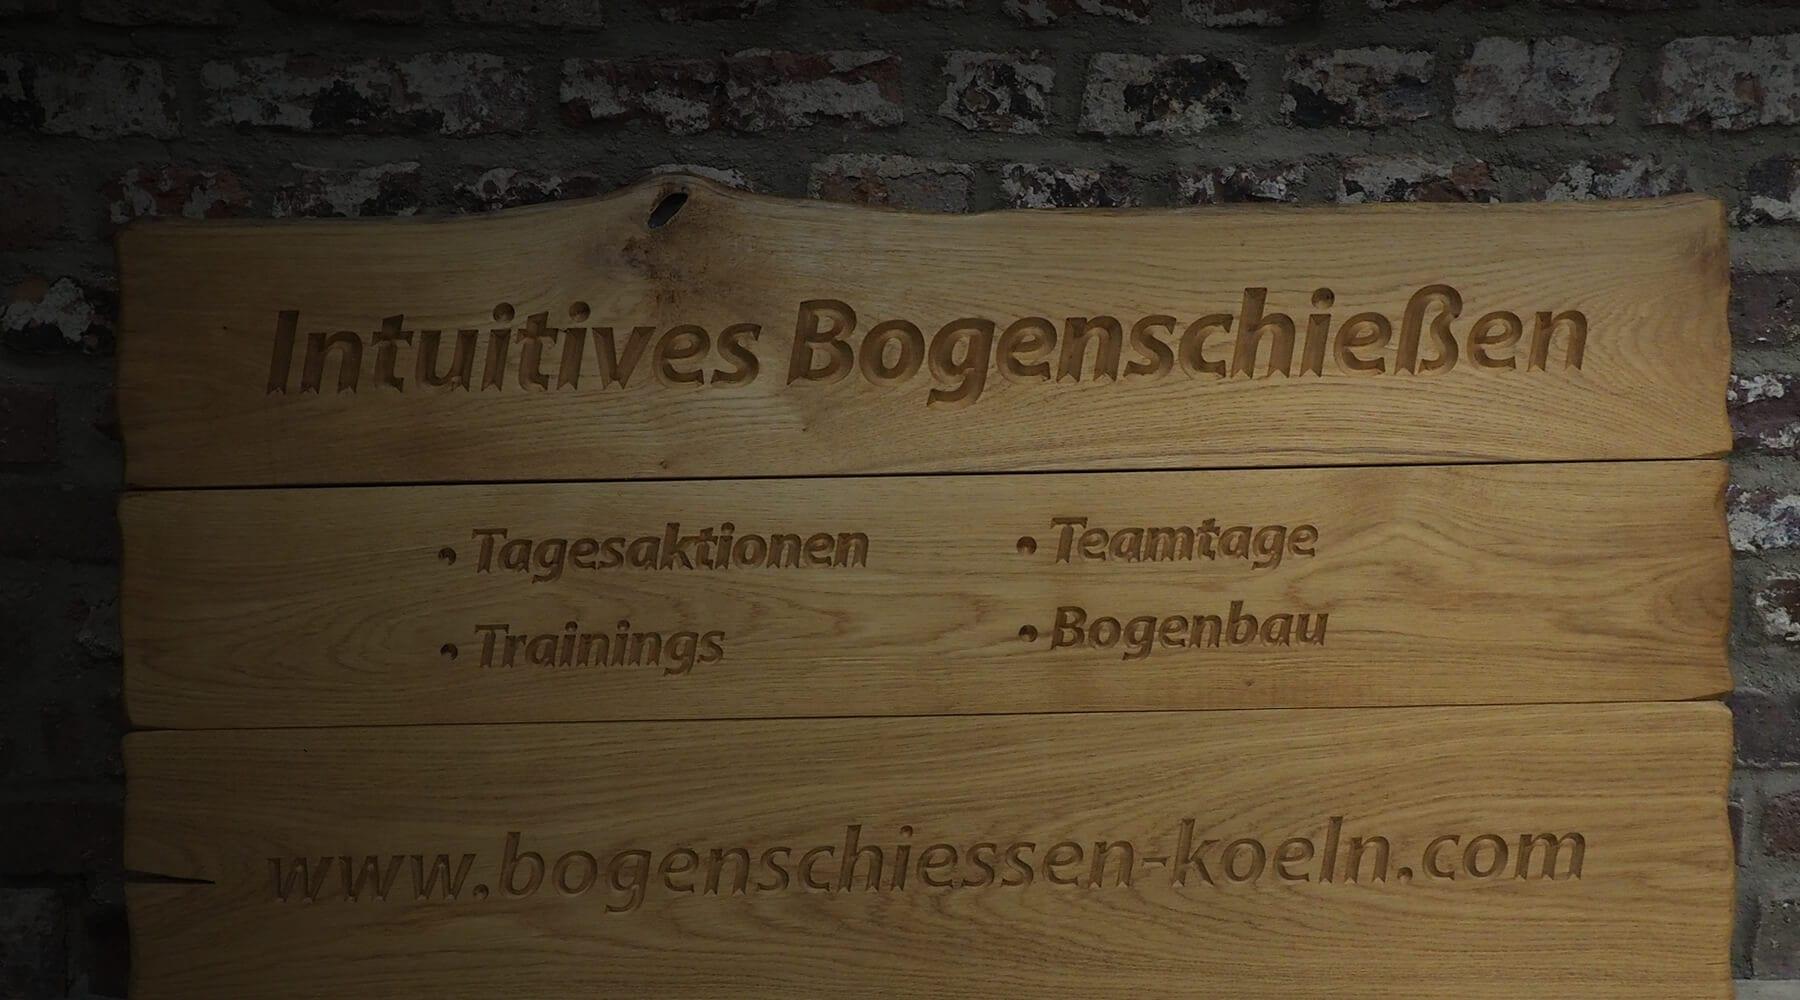 Intuitives Bogenschießen Köln